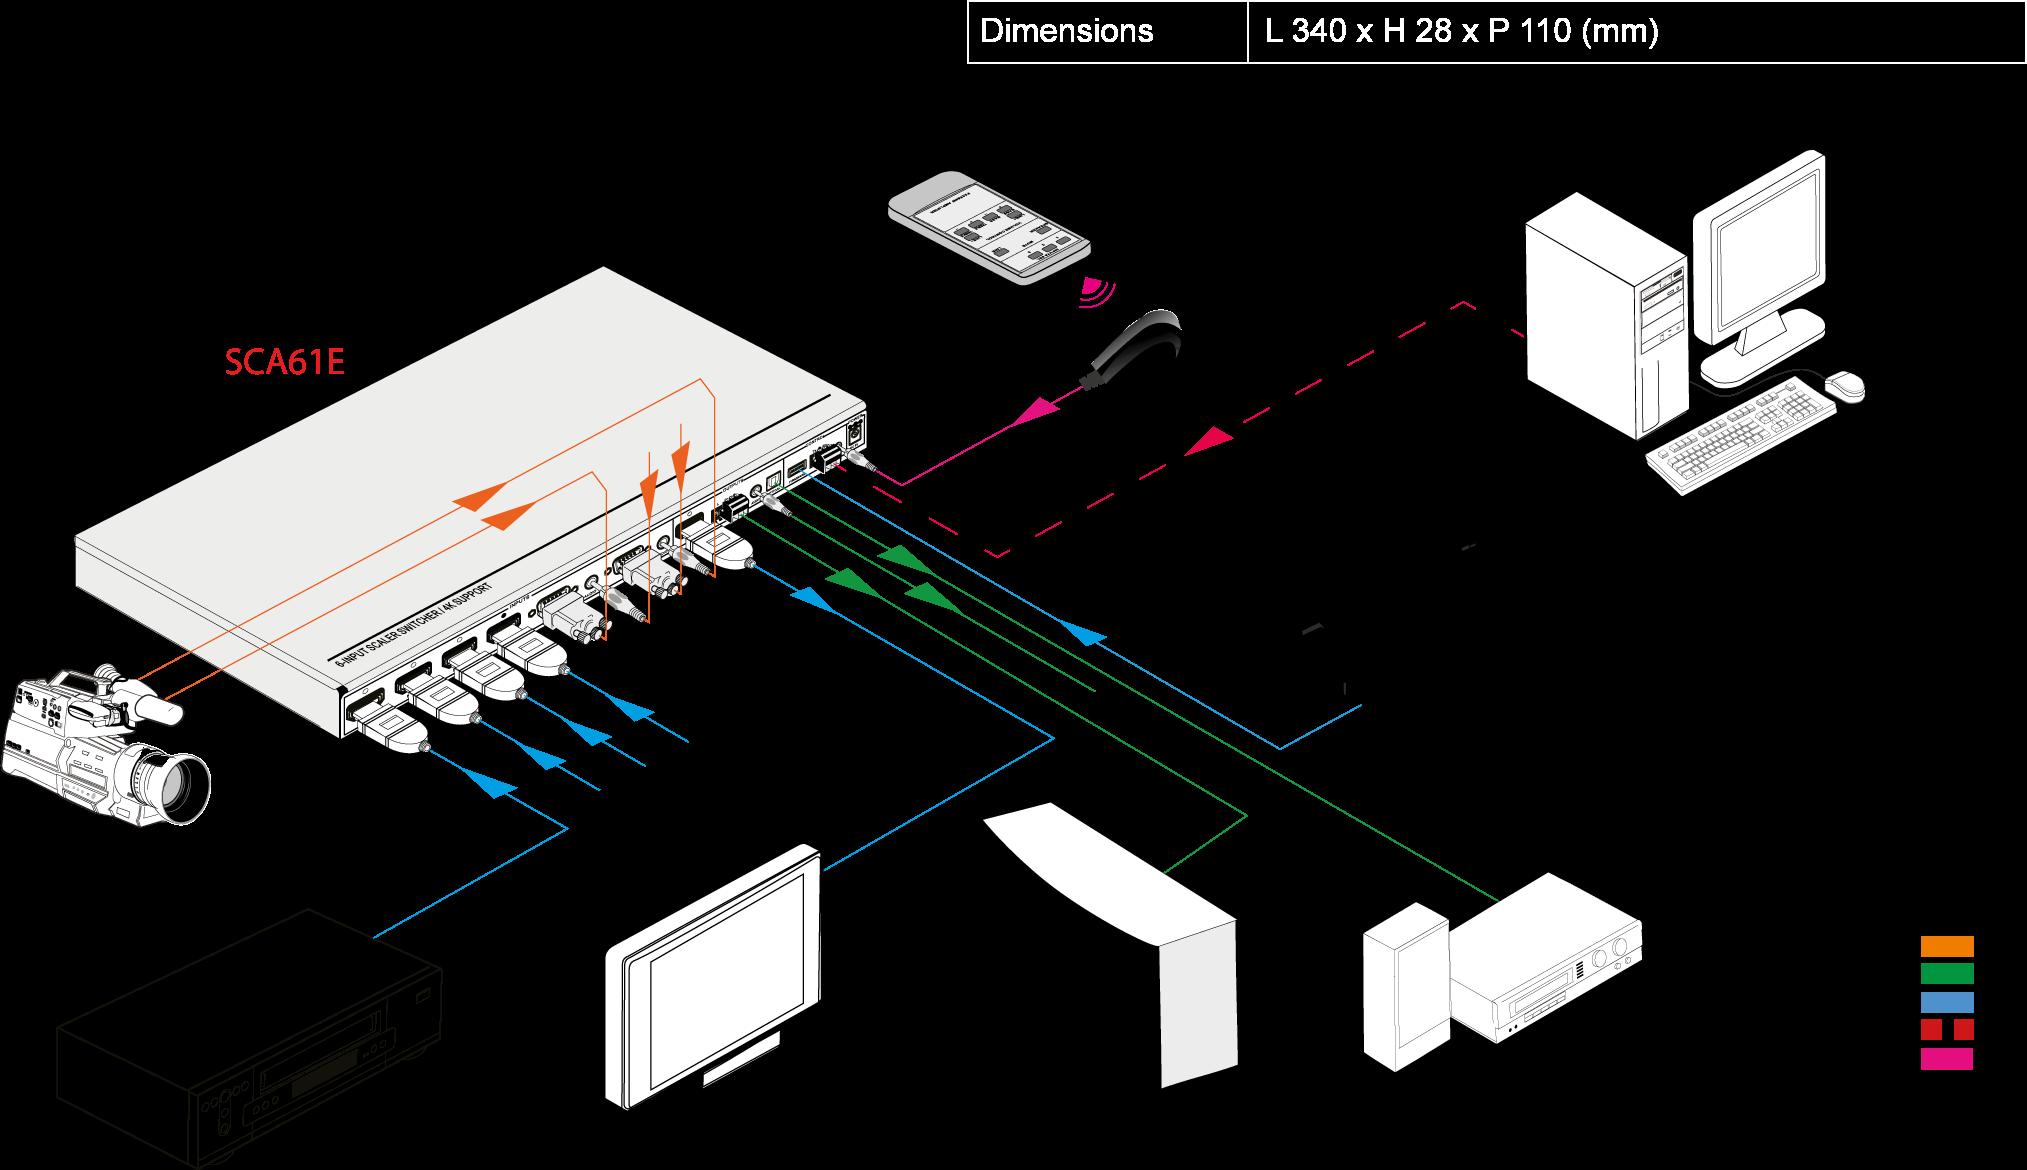 SCA61E | Sélecteur scaler analogique numérique HDMI